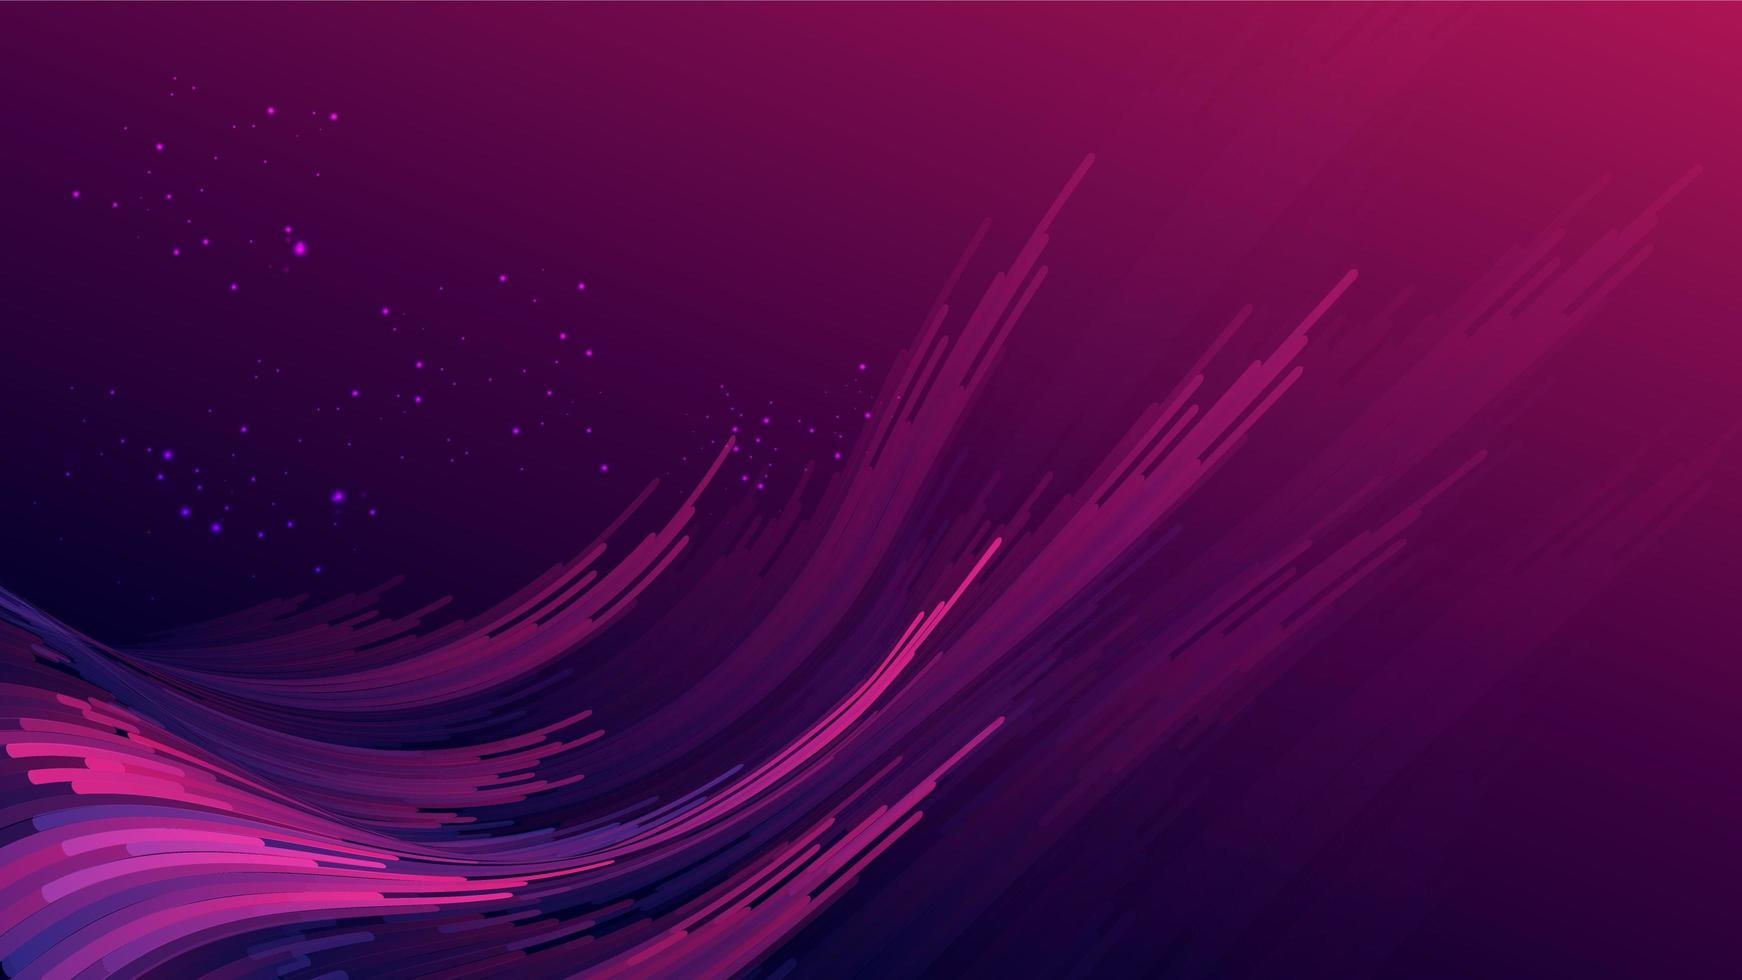 Abstrait dégradé violet rose courbe courbes vagues vecteur